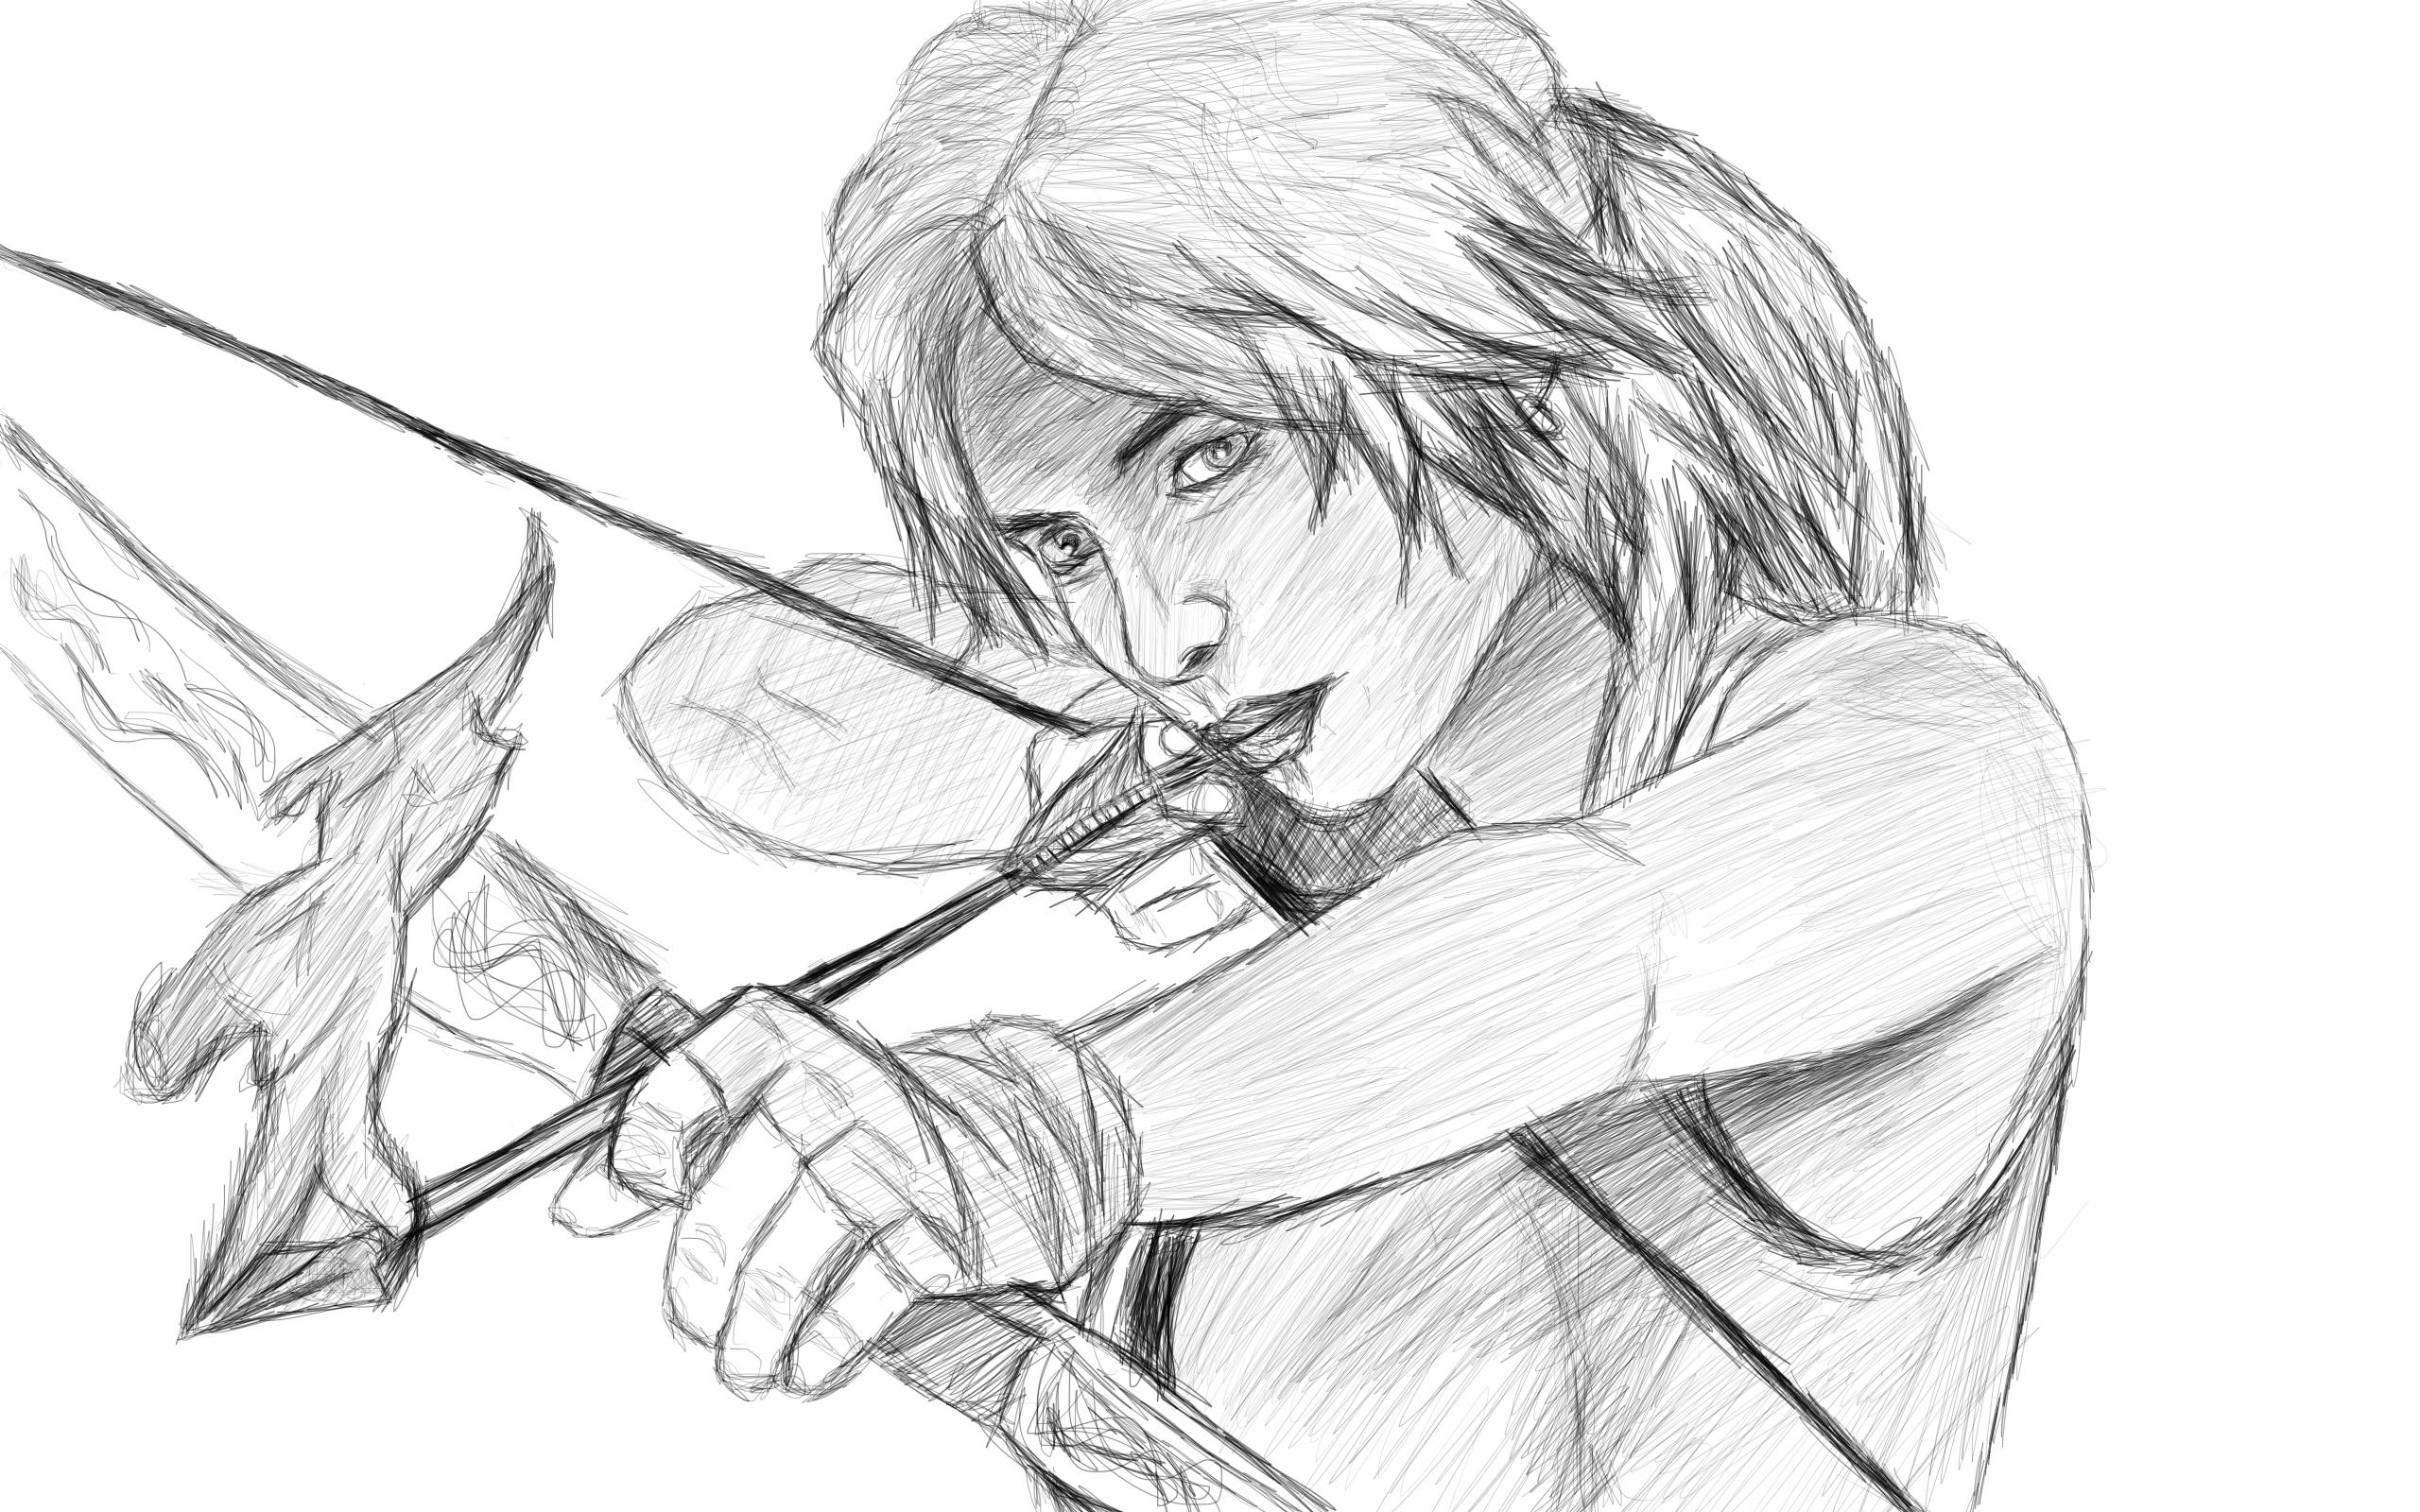 Lara Croft TOMB RAIDER 2013 by CodyBad